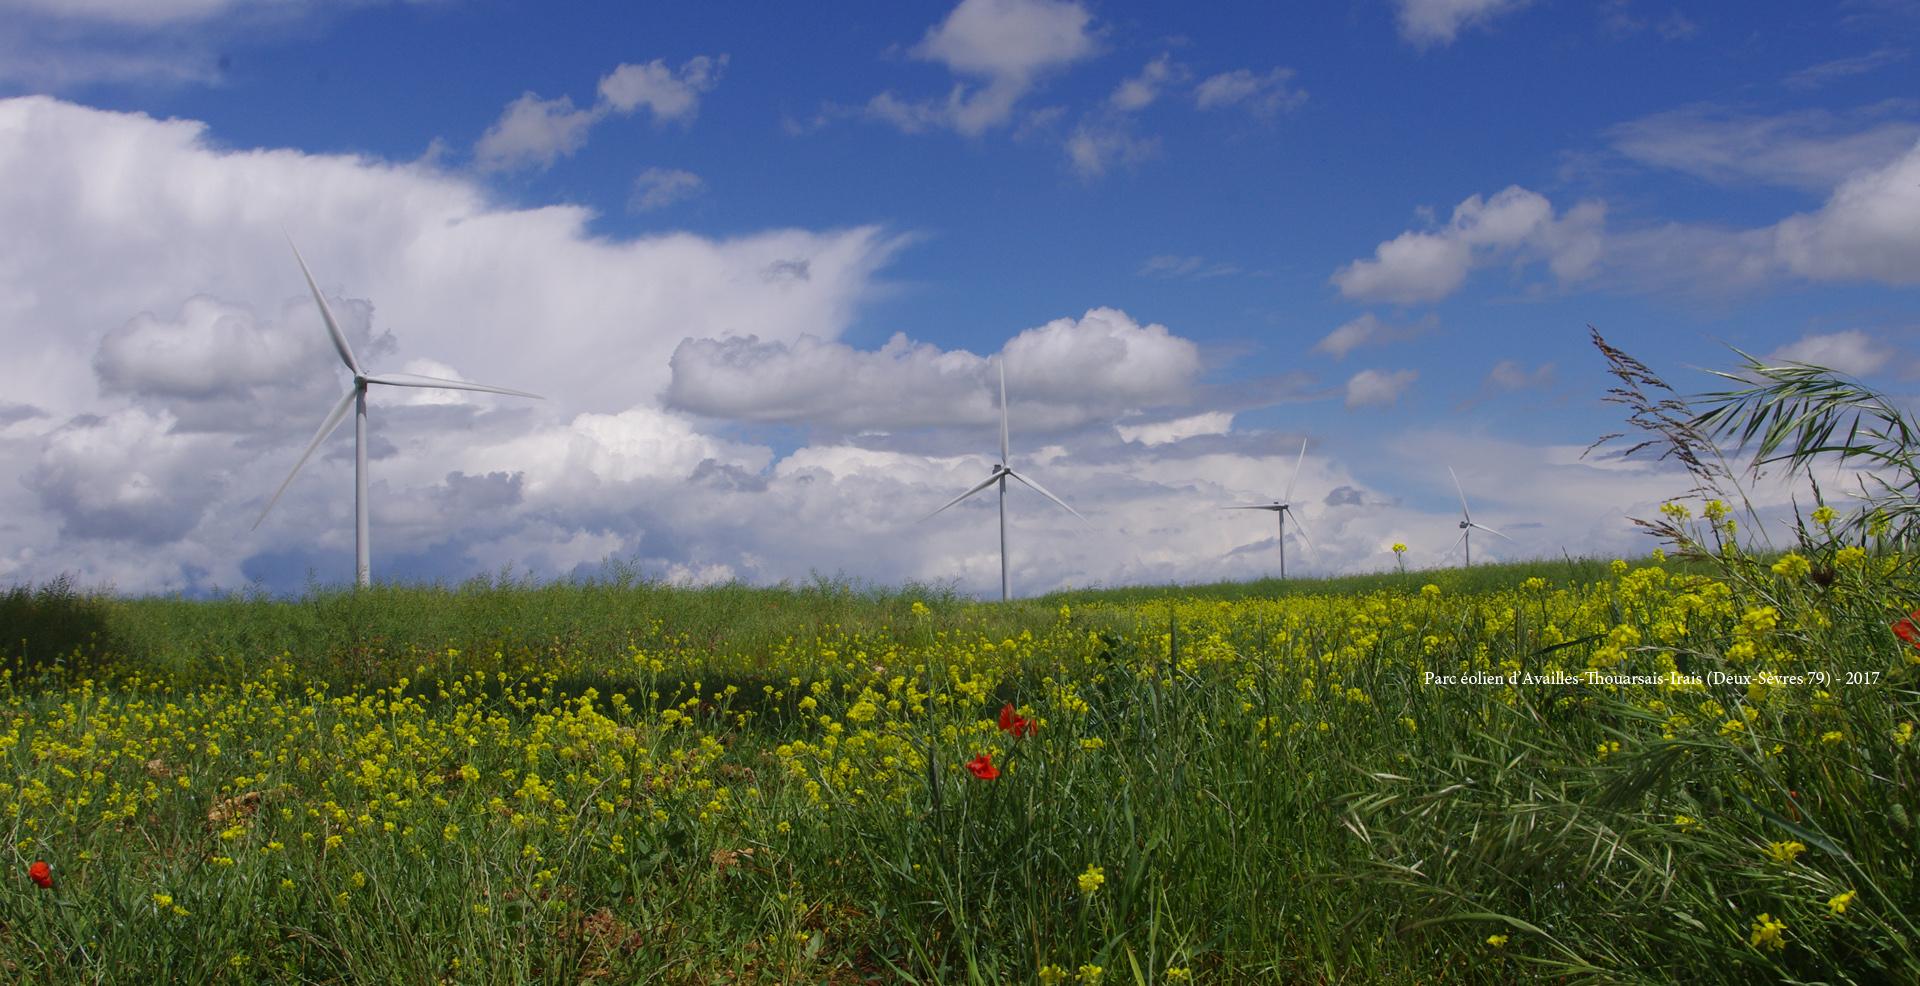 Parc éolien d'Availles-Thouarsais-Irais 79